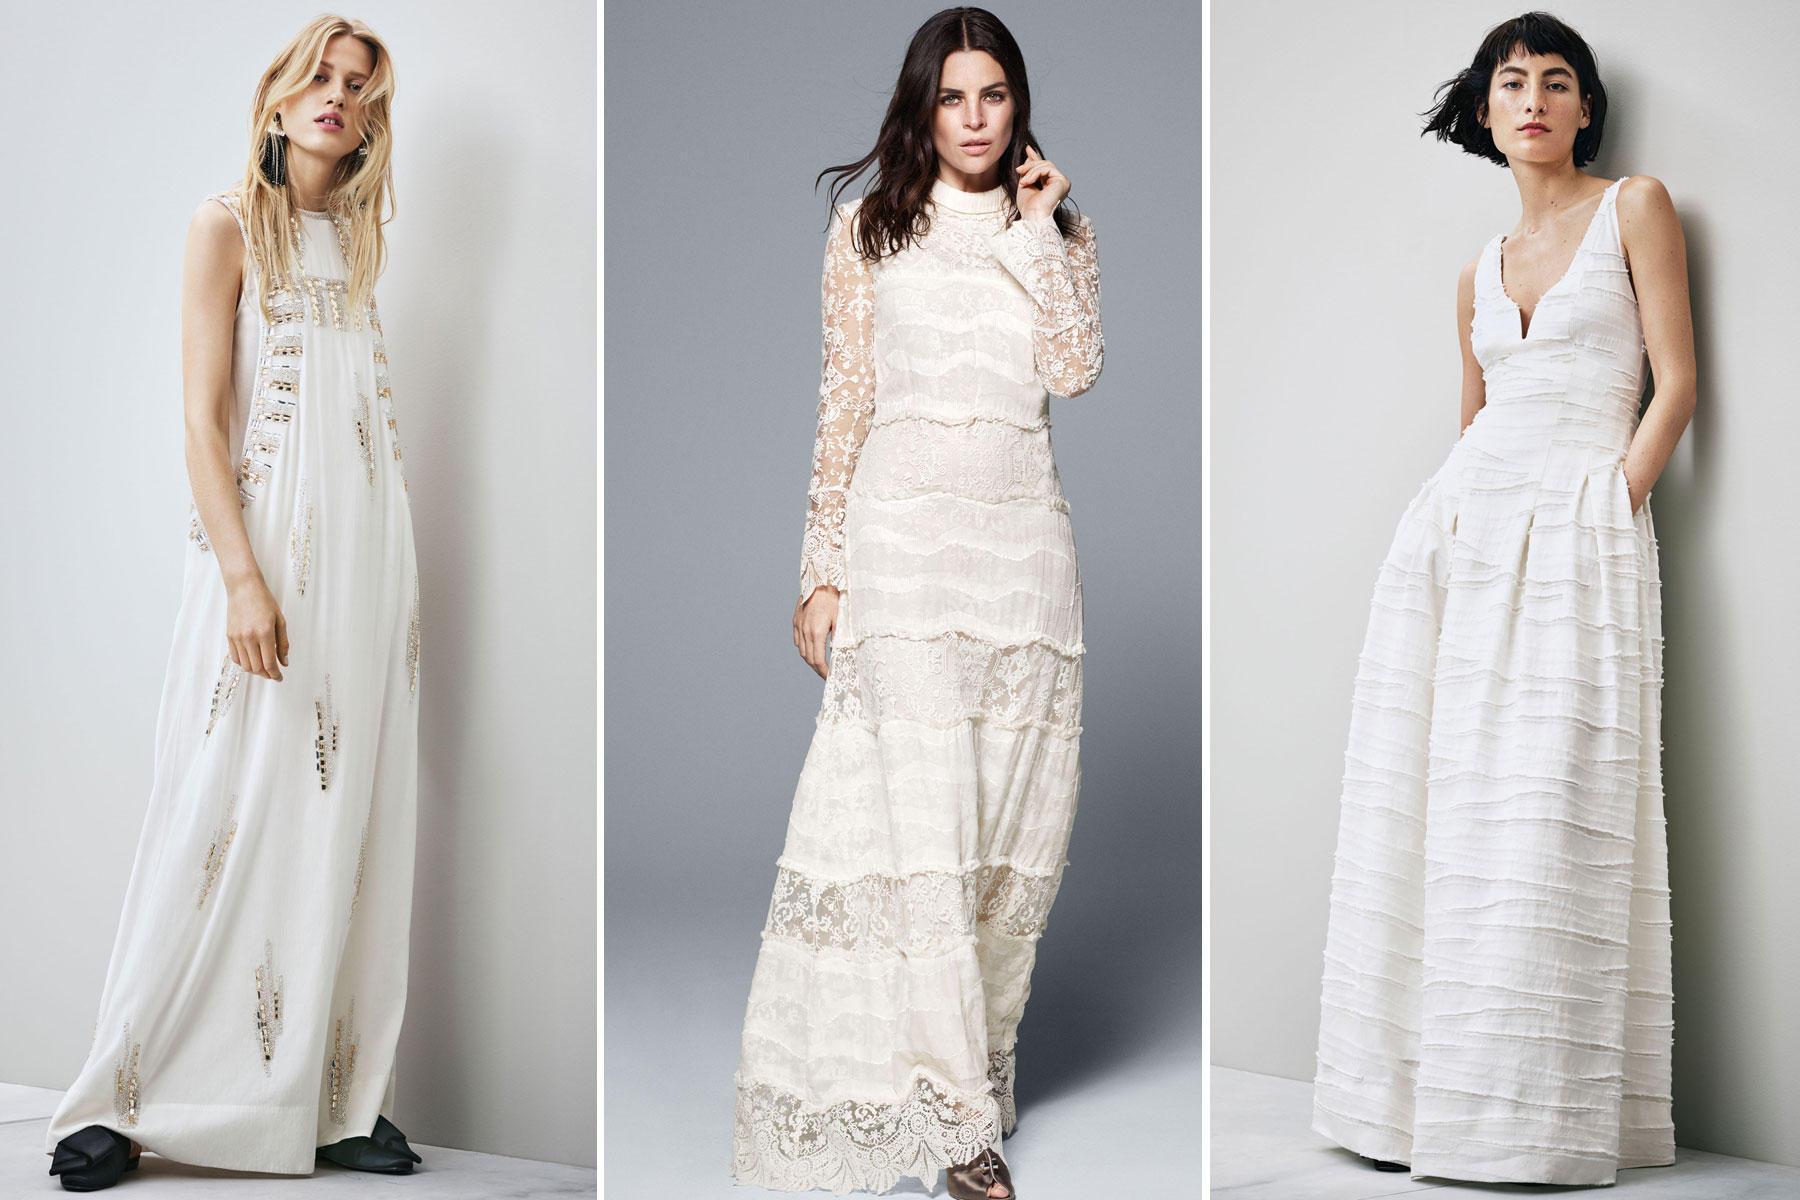 Sofia Vergara: So viel Luxus steckt im Hochzeitskleid | GALA.de